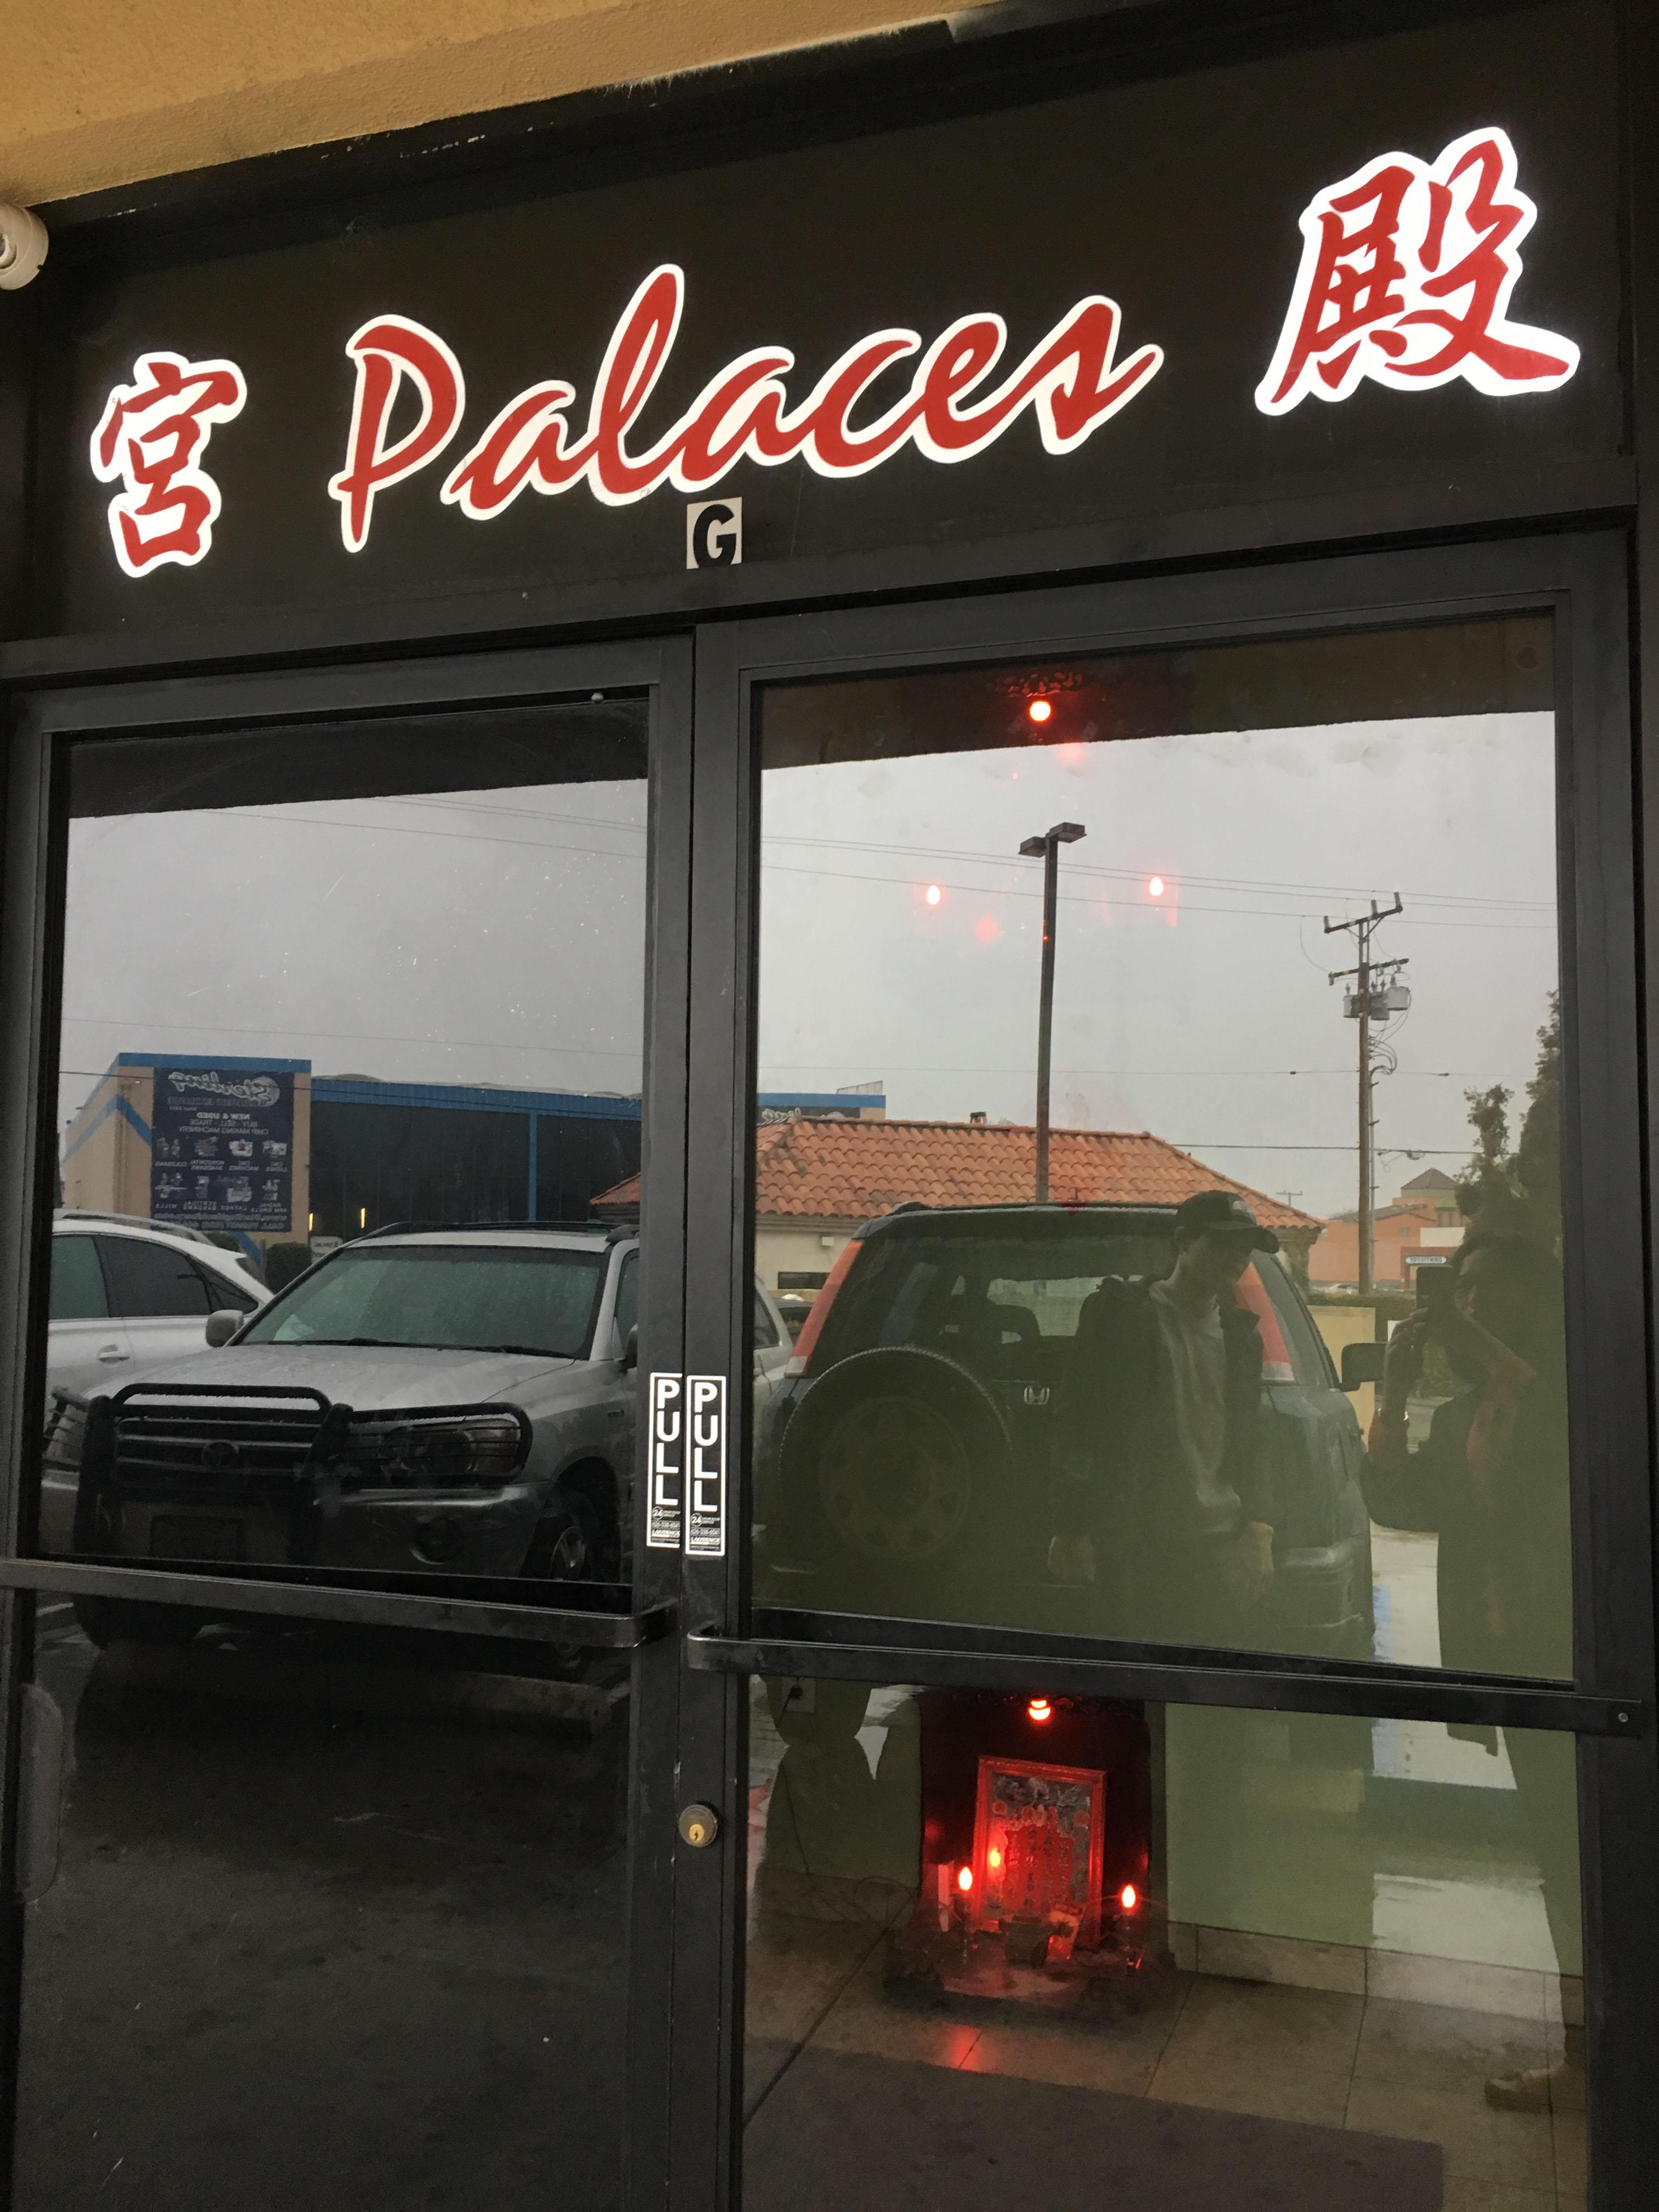 「宮殿」酒吧於10日回復正常營業。實習記者李青蔚攝